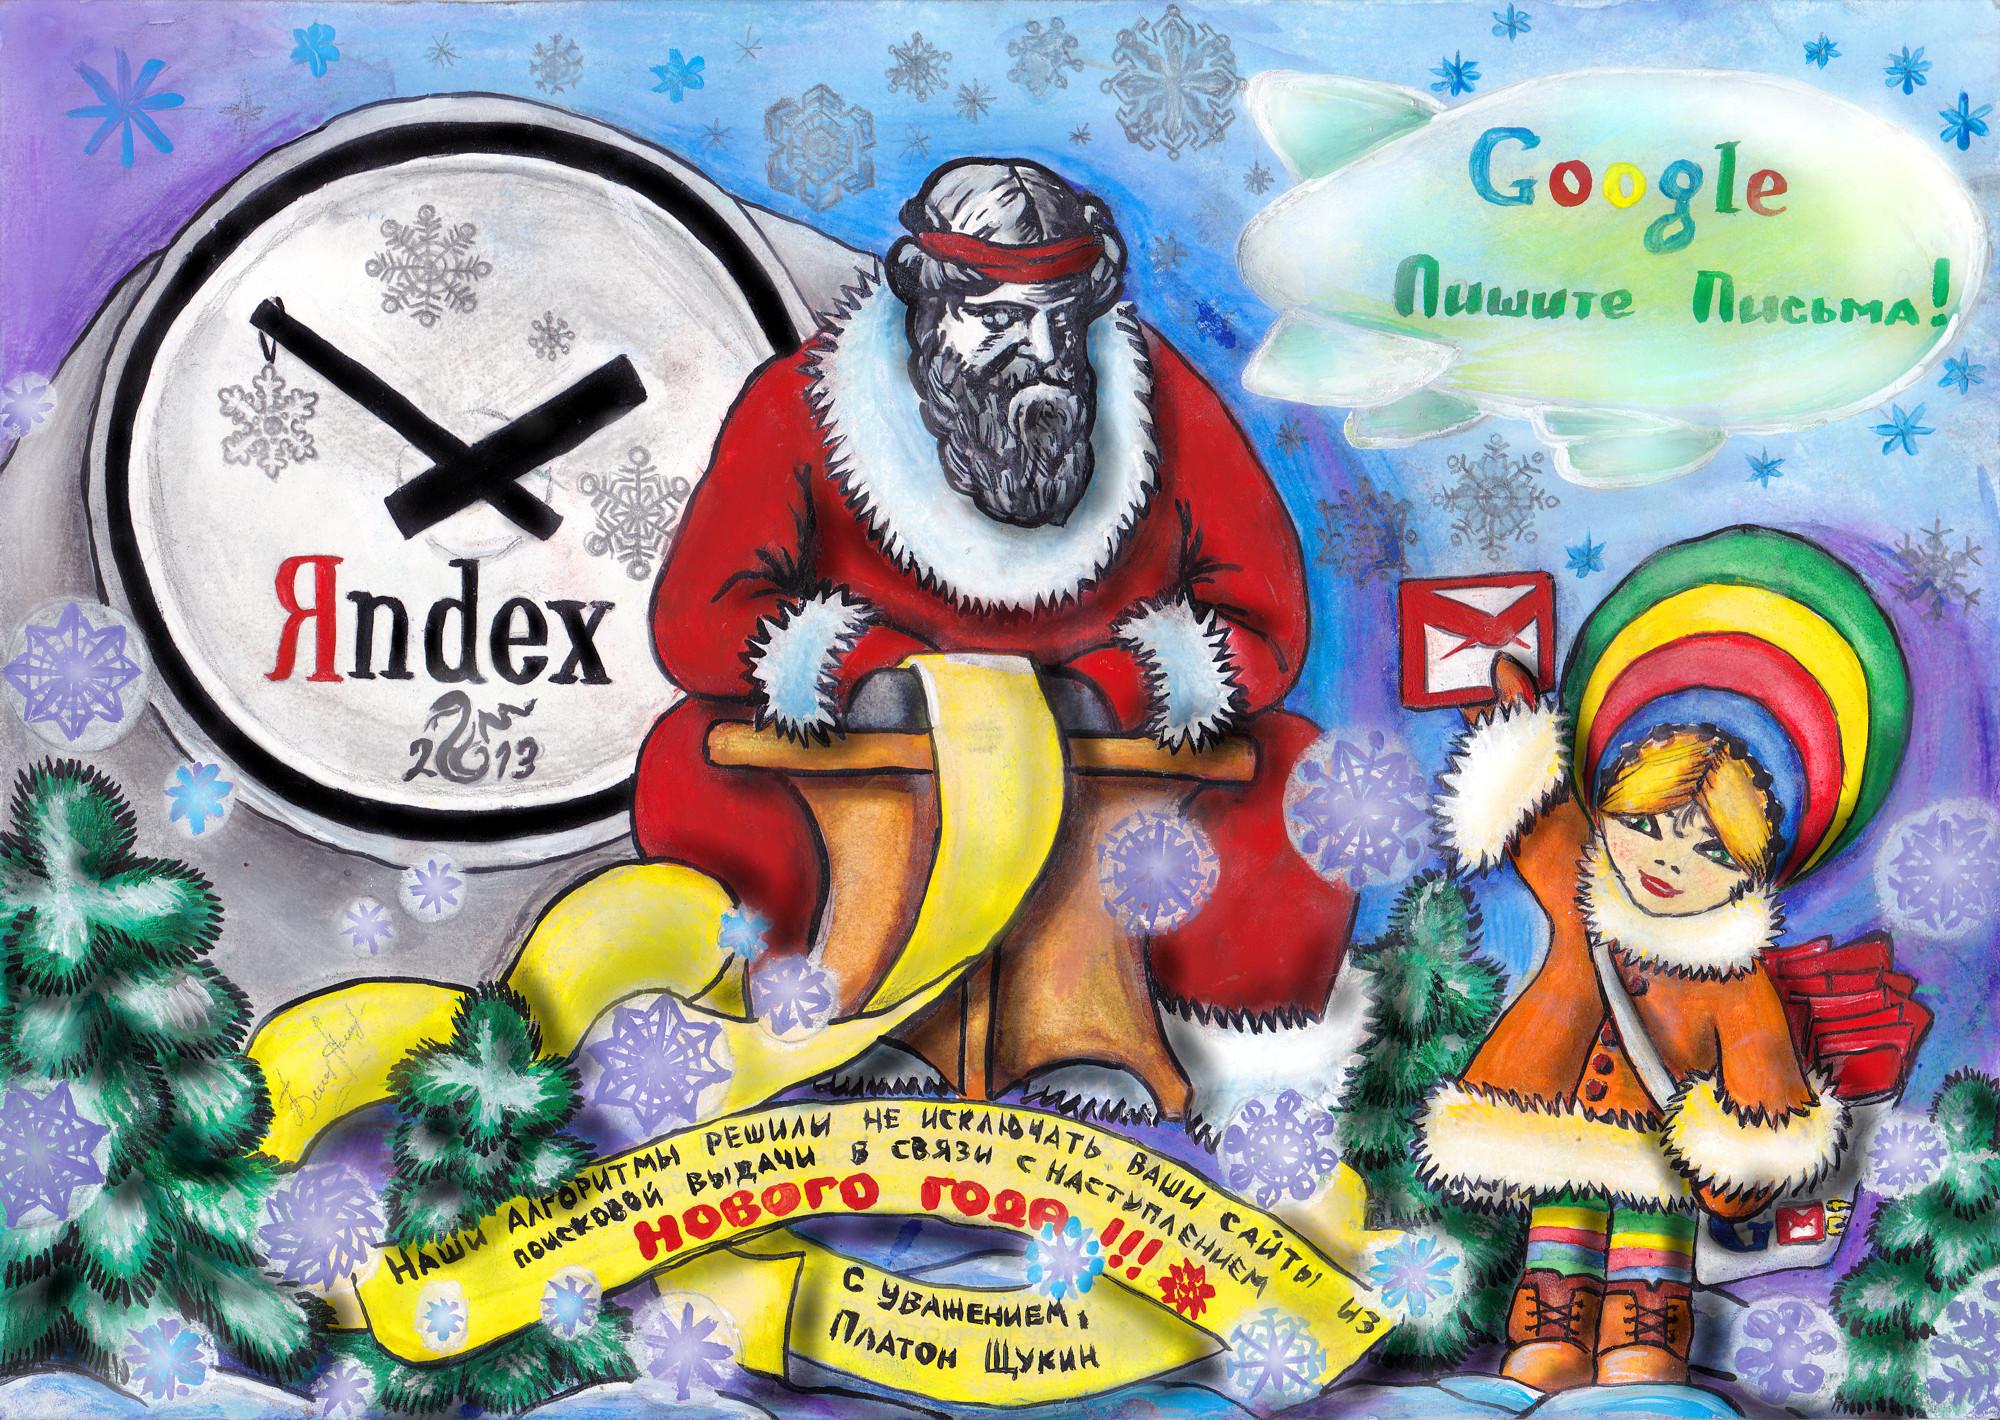 Новый Год Яндекс Google